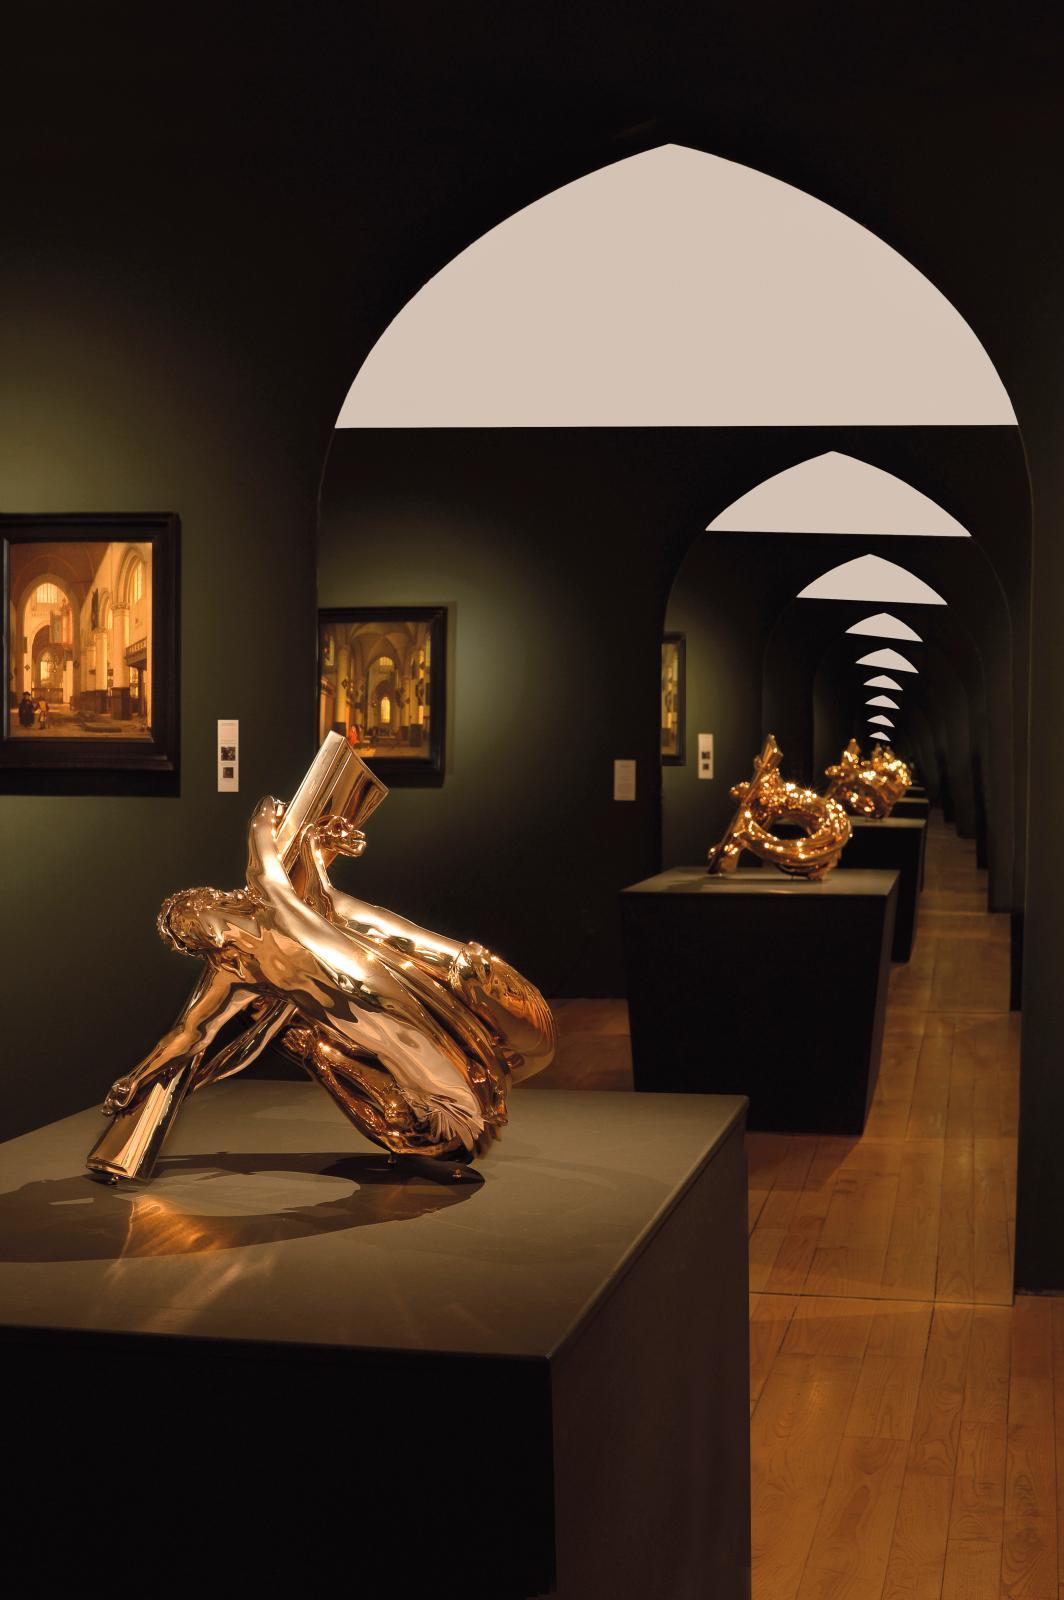 Wim Delvoye, Möbius Dual Corpus (2011), exposition « Sacrée architecture ! La passion d'un collectionneur » au musée de Flandre à Cassel (